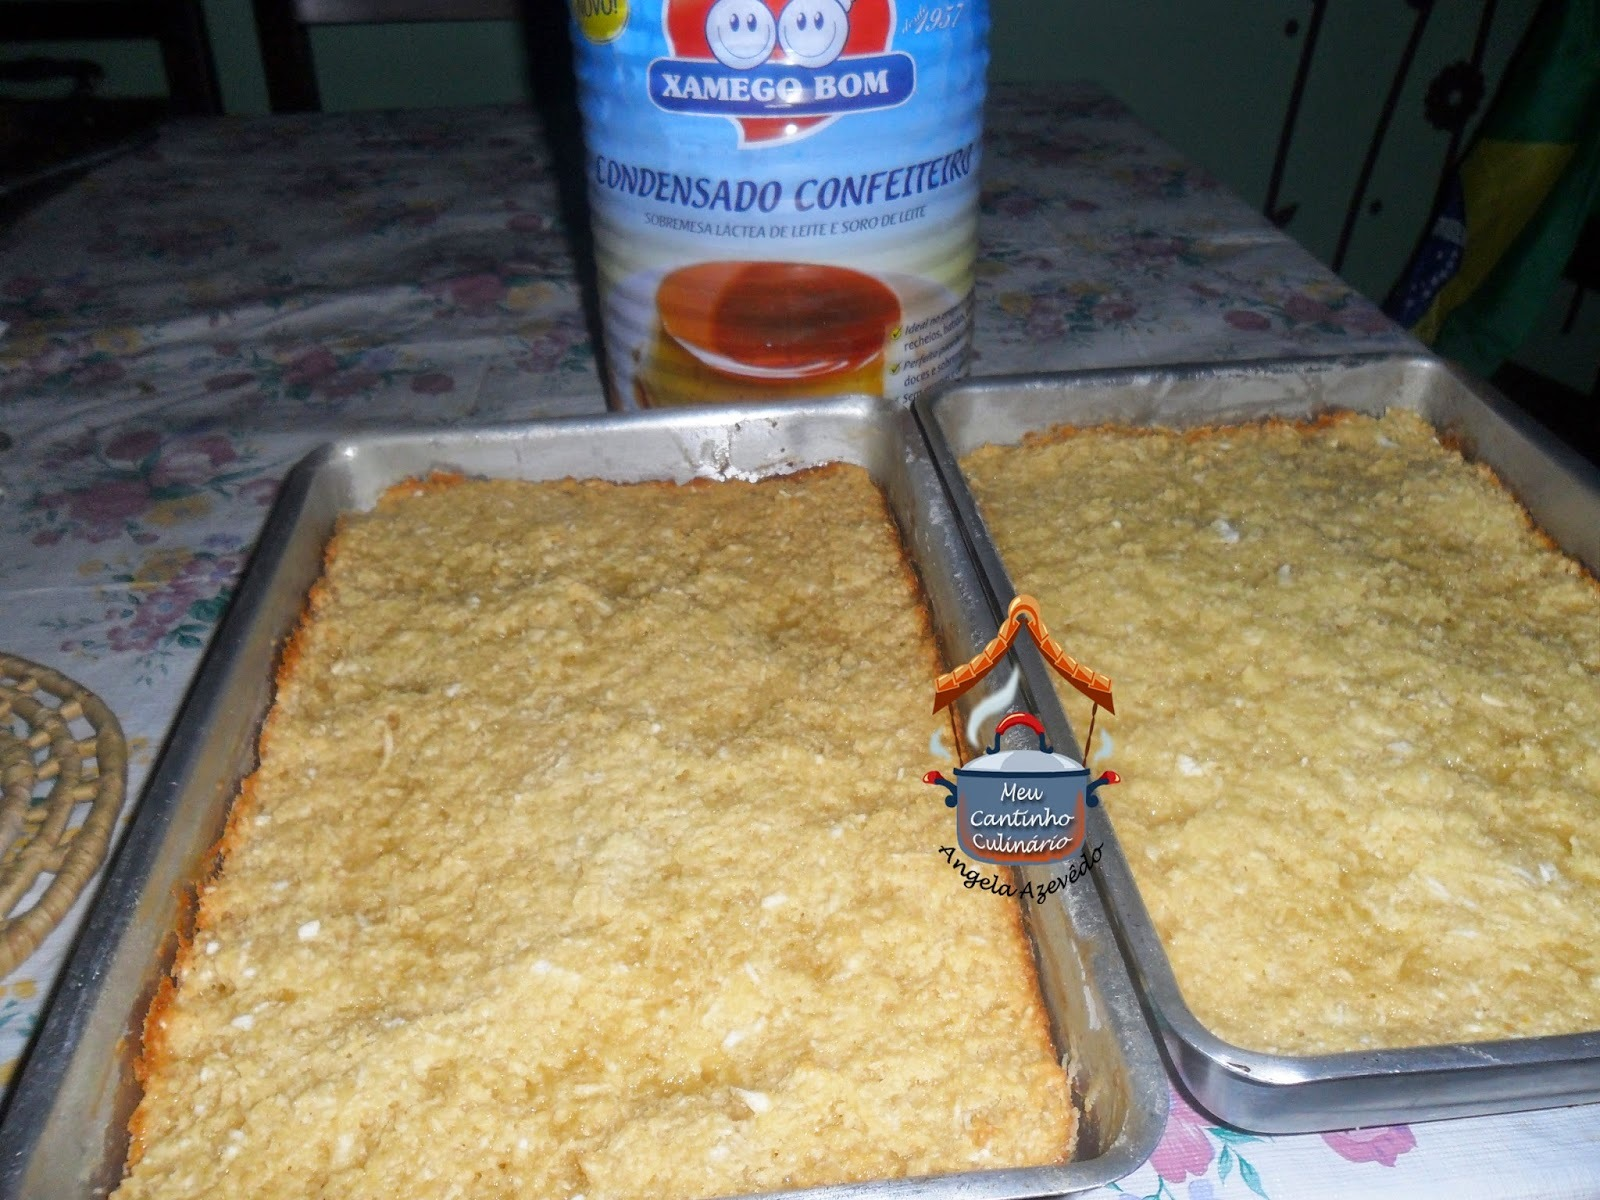 de bolo de mandioca ralada crua com goma